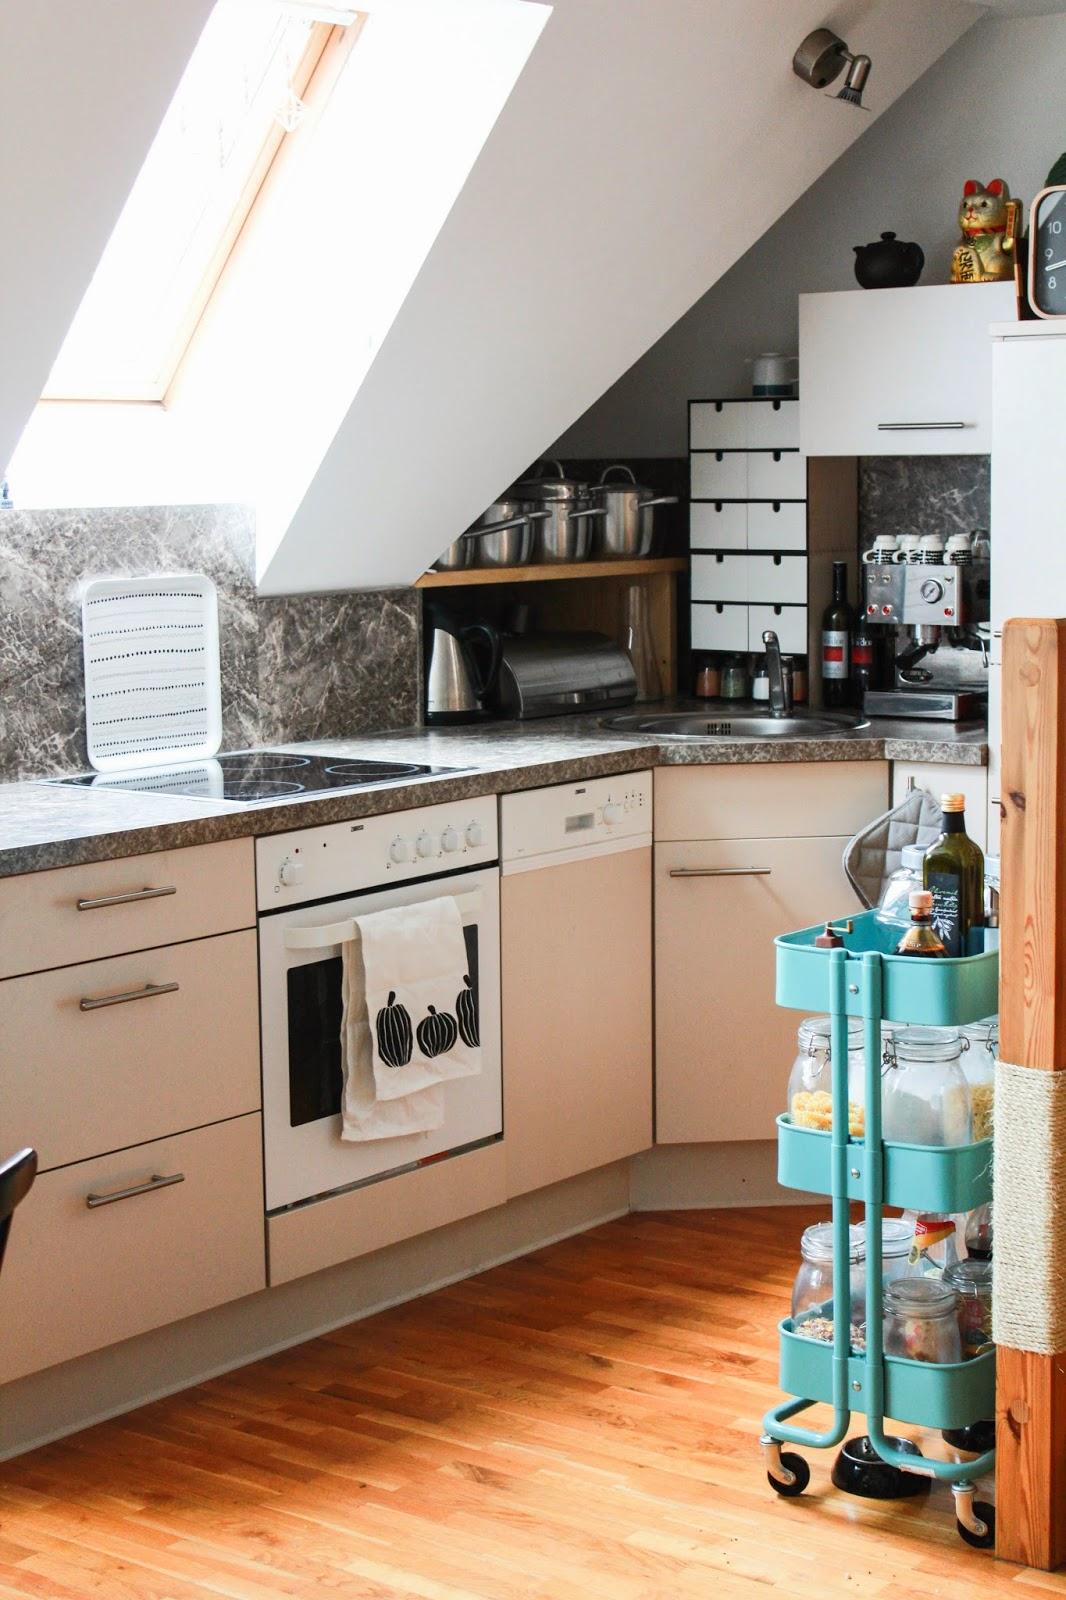 Meine Küche. Und Diamanten aus Stroh (DIY) | Ach du gute Güte!